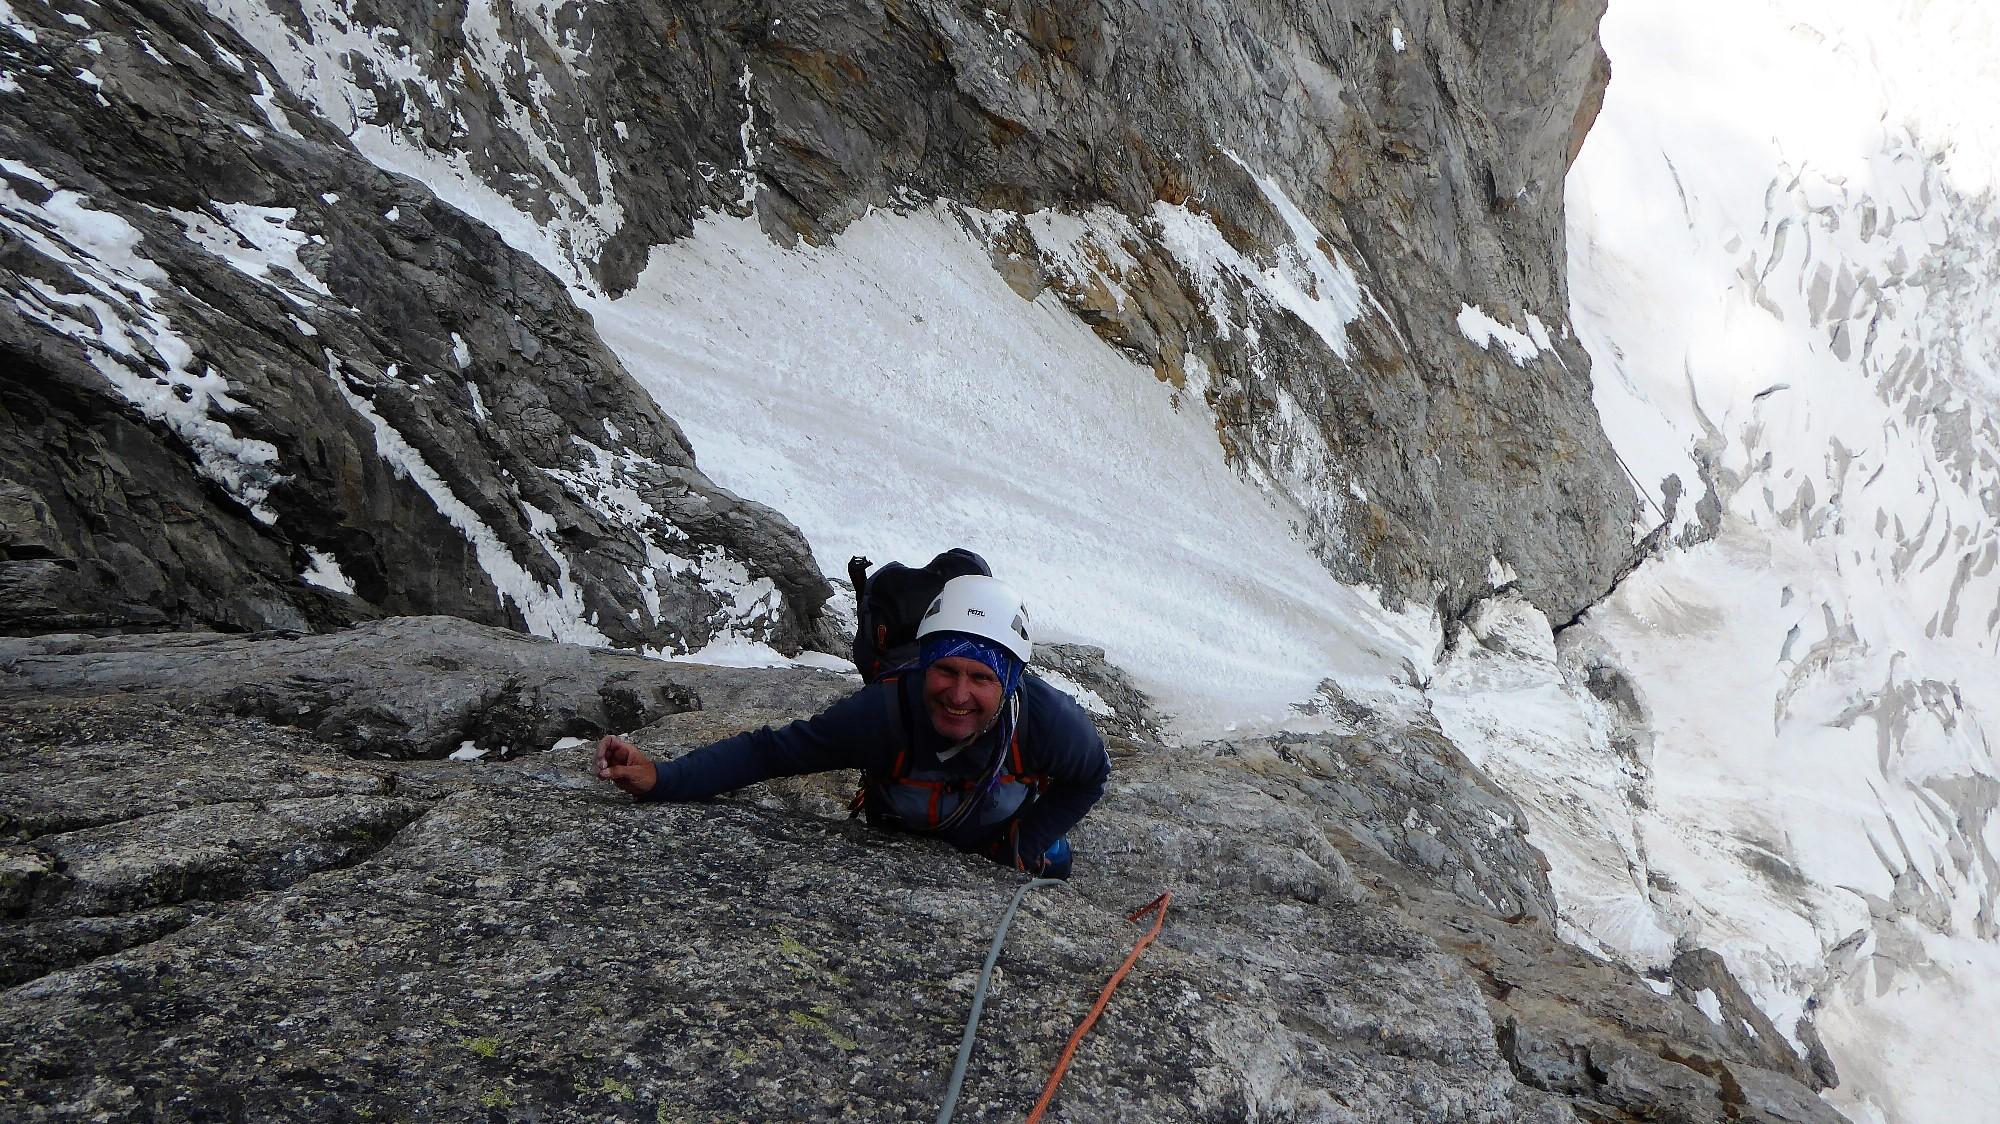 Čudovito plezanje, ki kljub težkemu nahrbtniku raztegne usta.